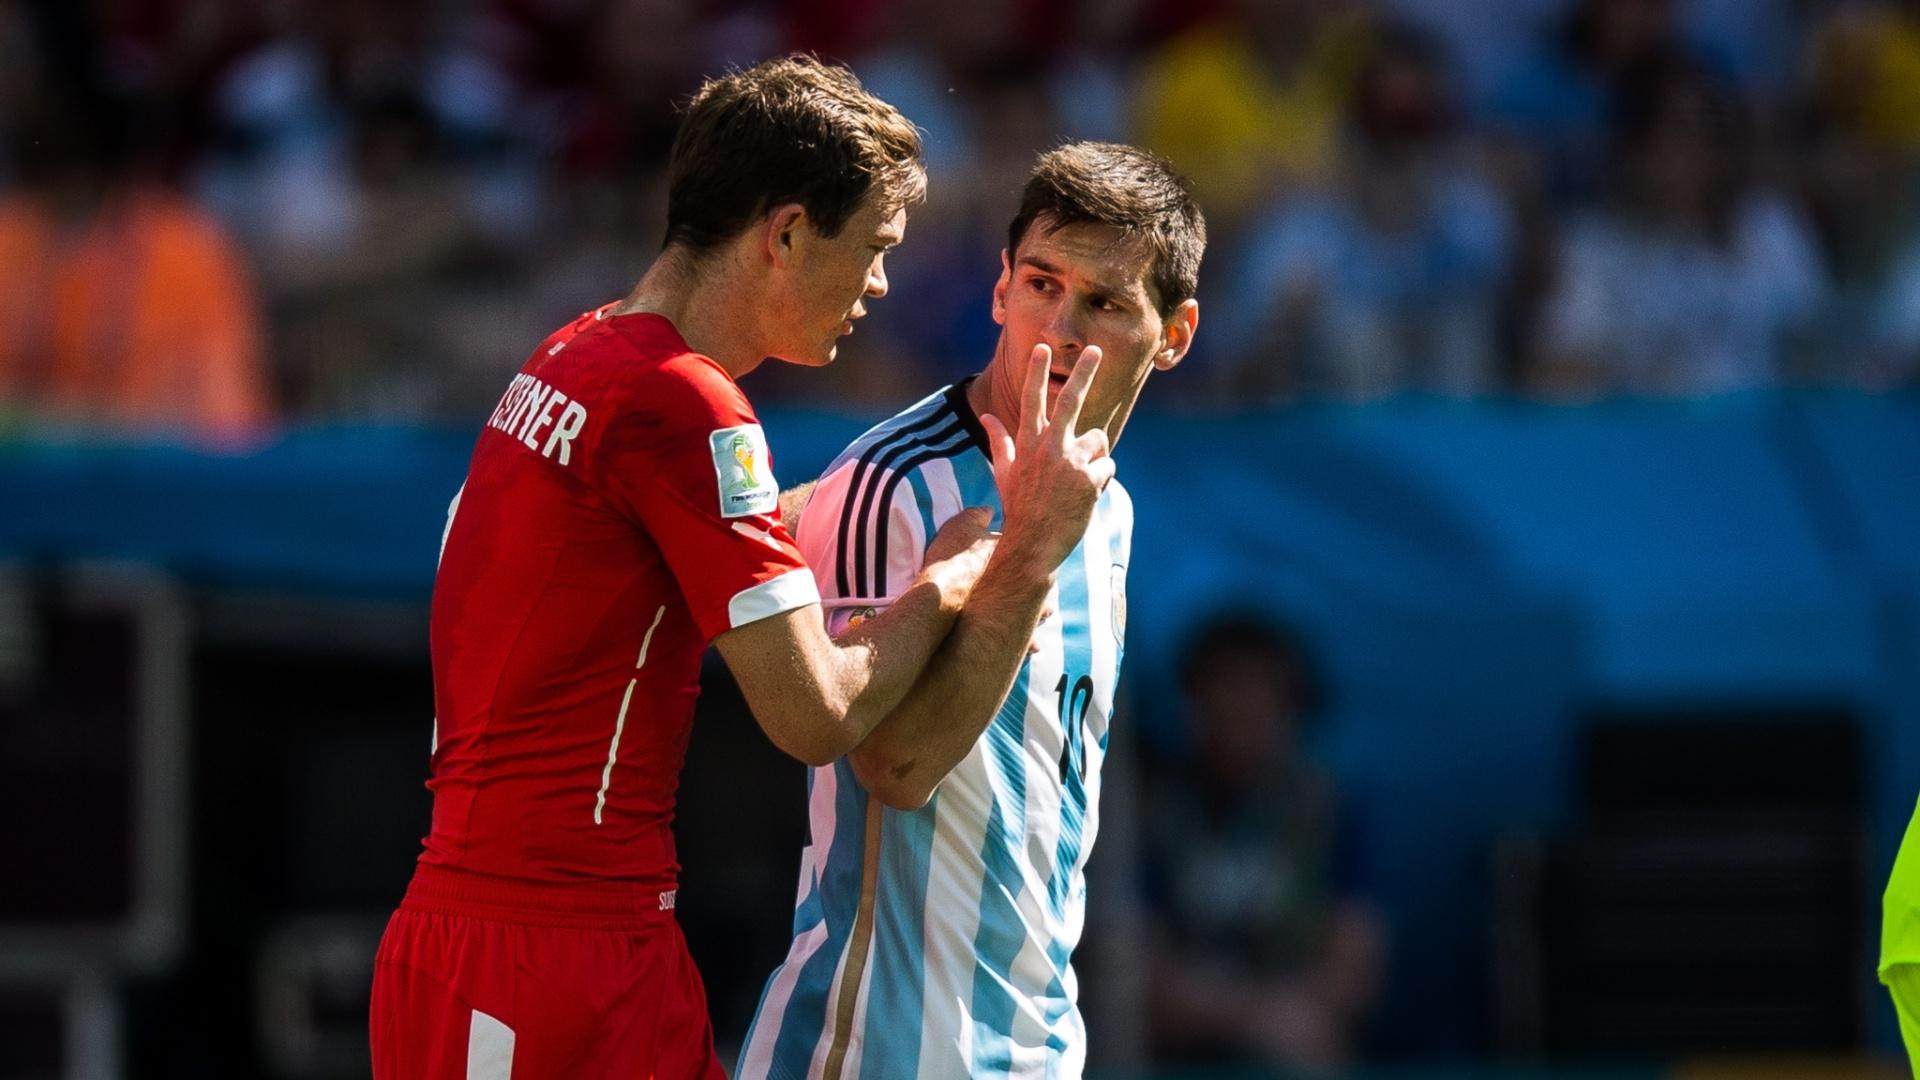 01.jul.2014 - Argentino Messi reclama com o suíço Lichtsteiner, após sofrer falta no Itaquerão